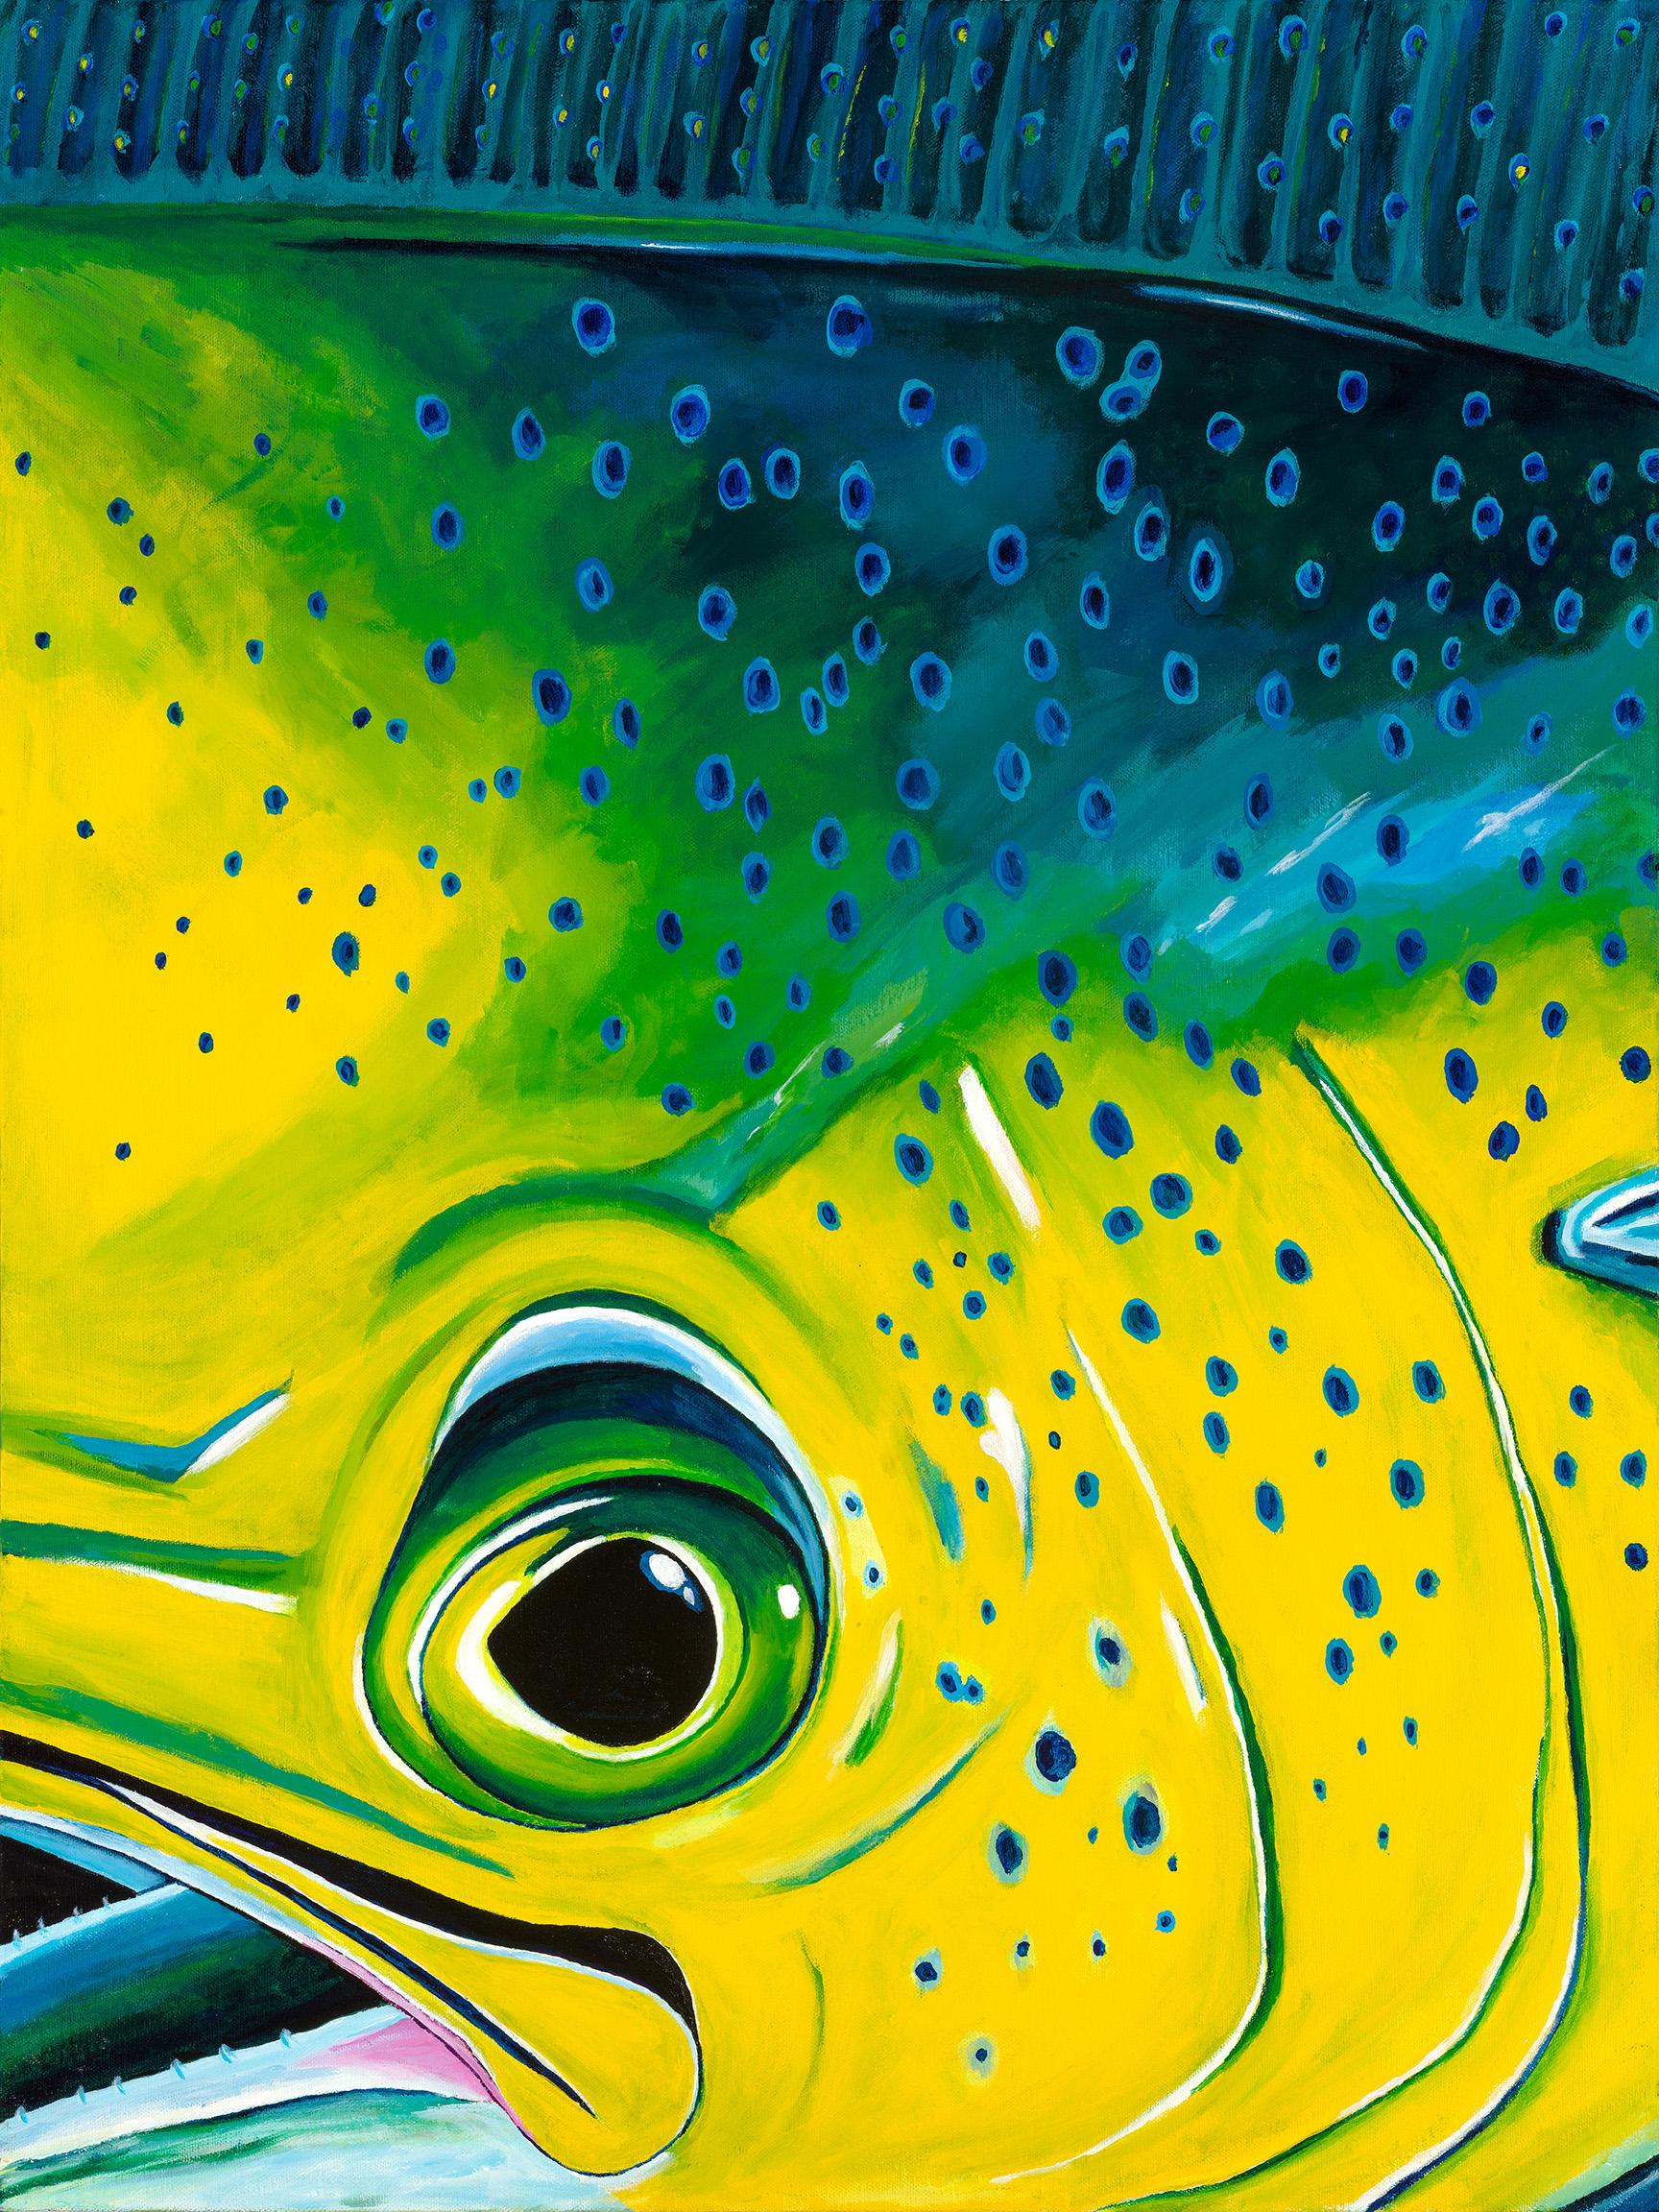 customfishpainting.jpg